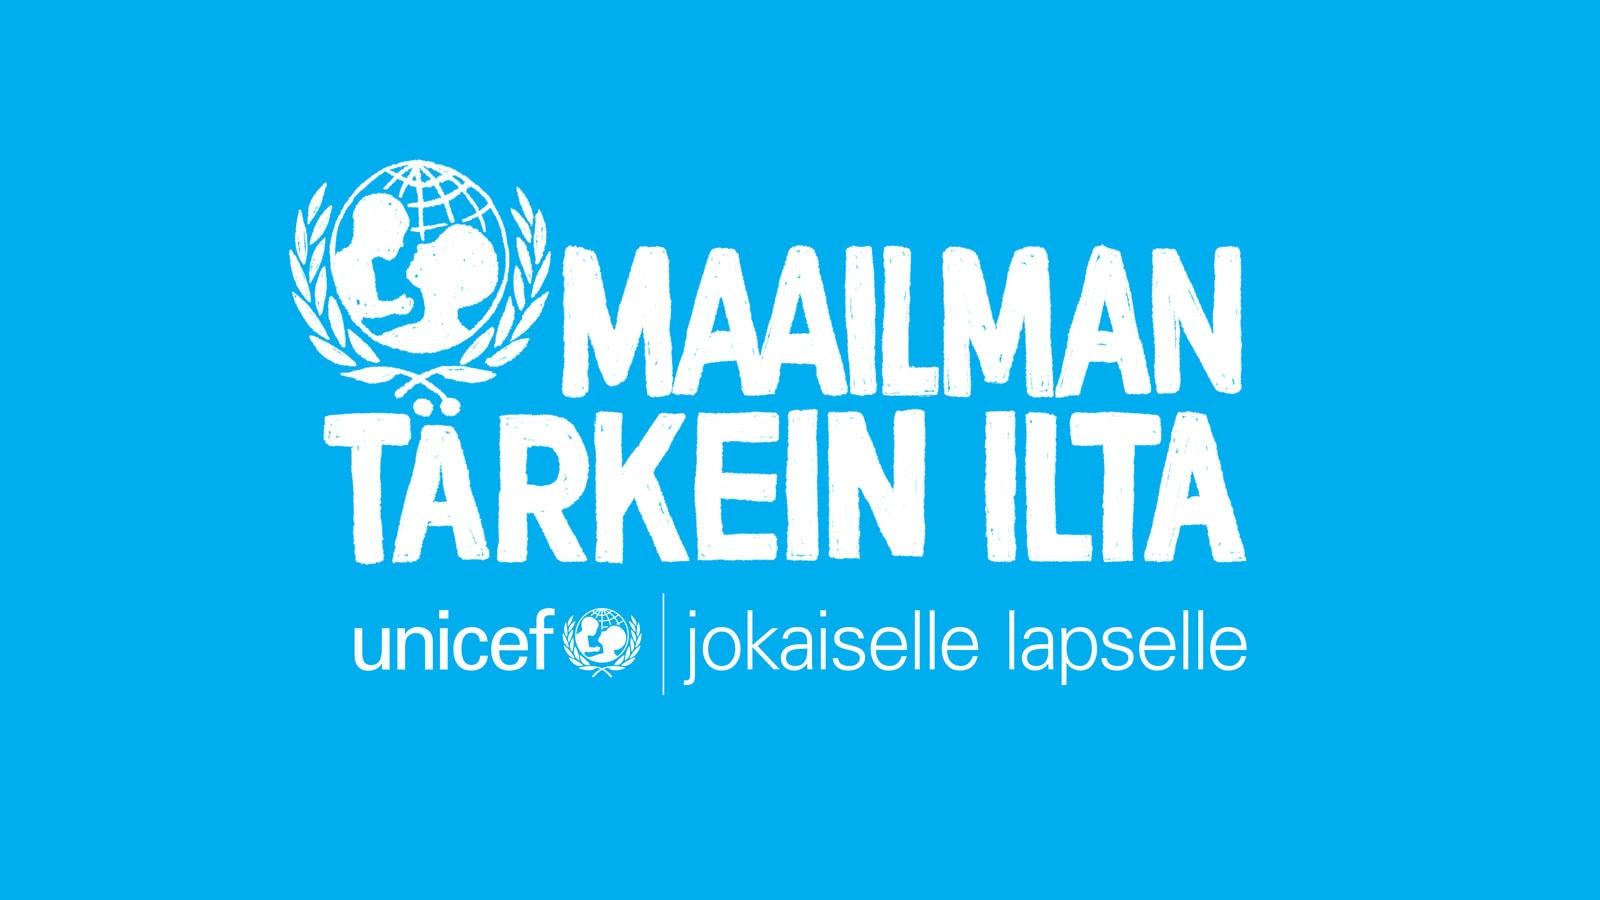 UNICEF Maailman tärkein ilta